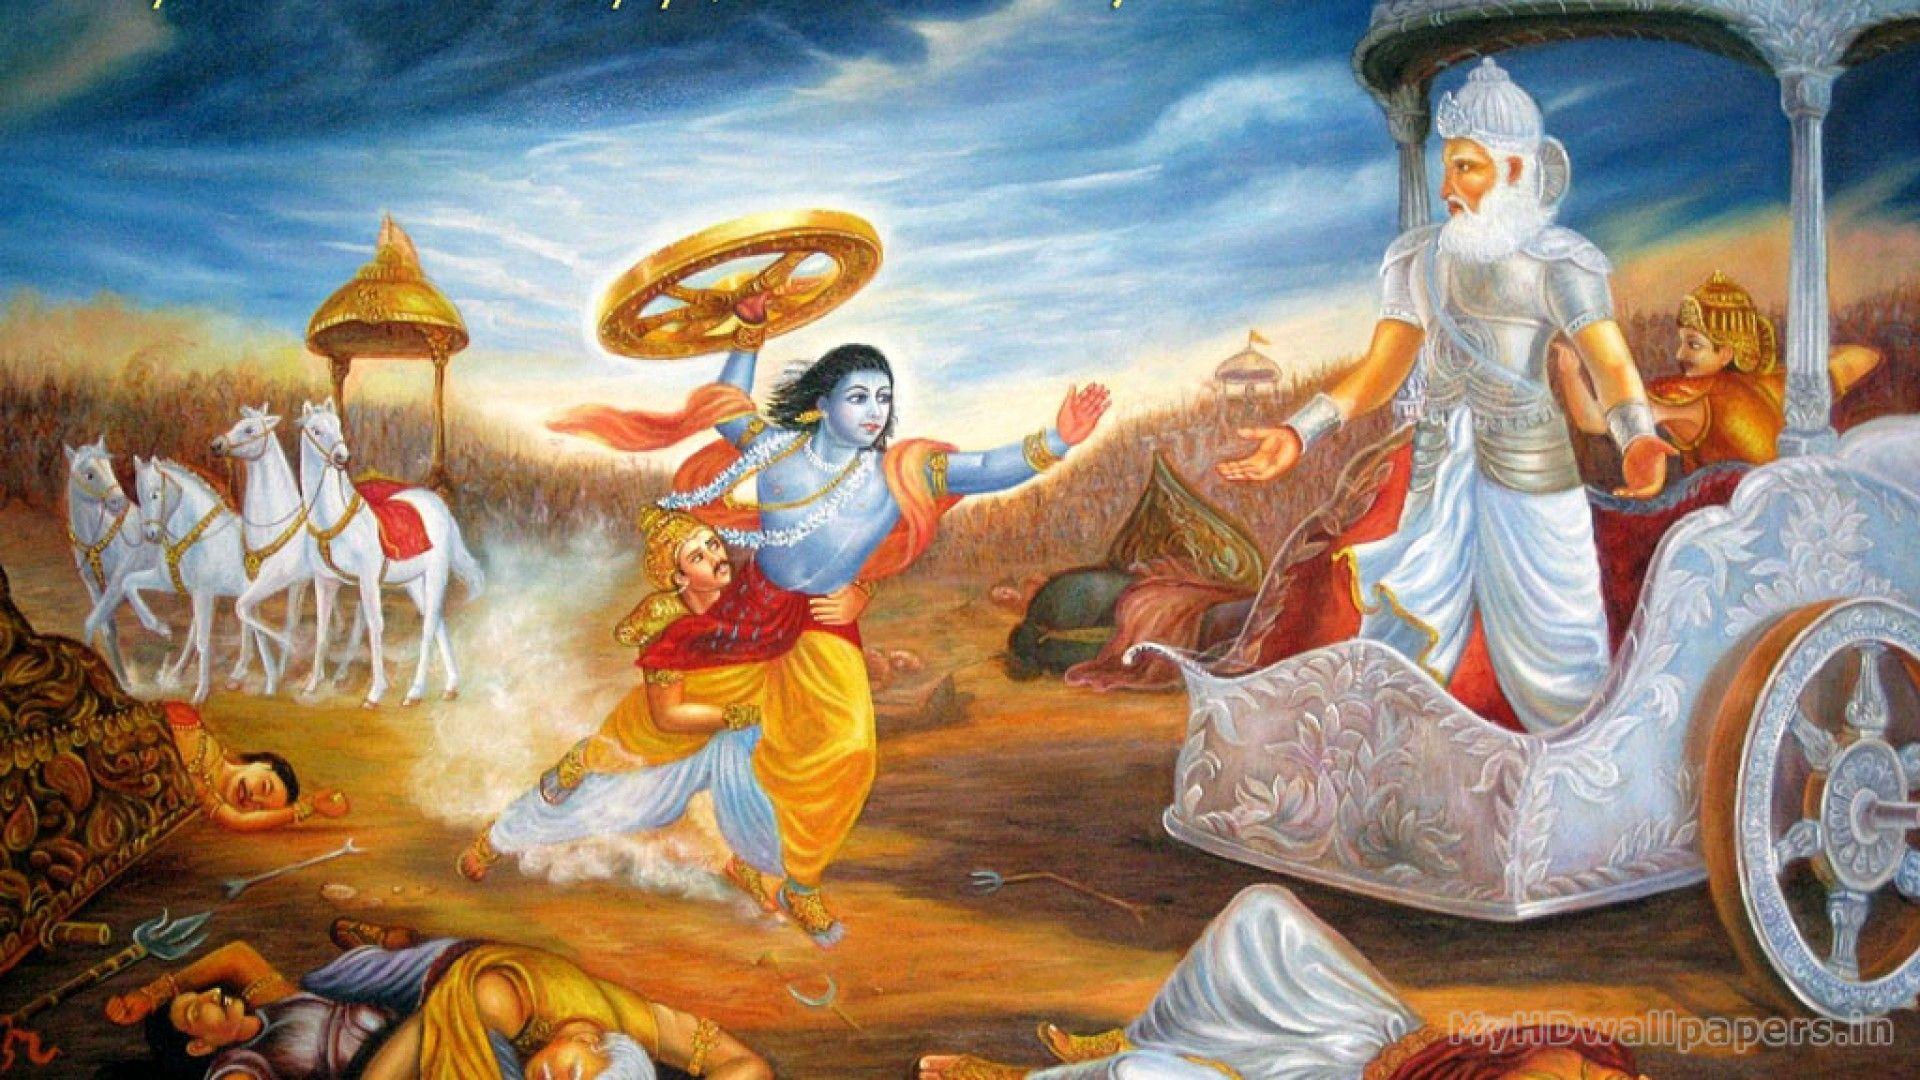 Bhishma Wallpapers Wallpaper Cave